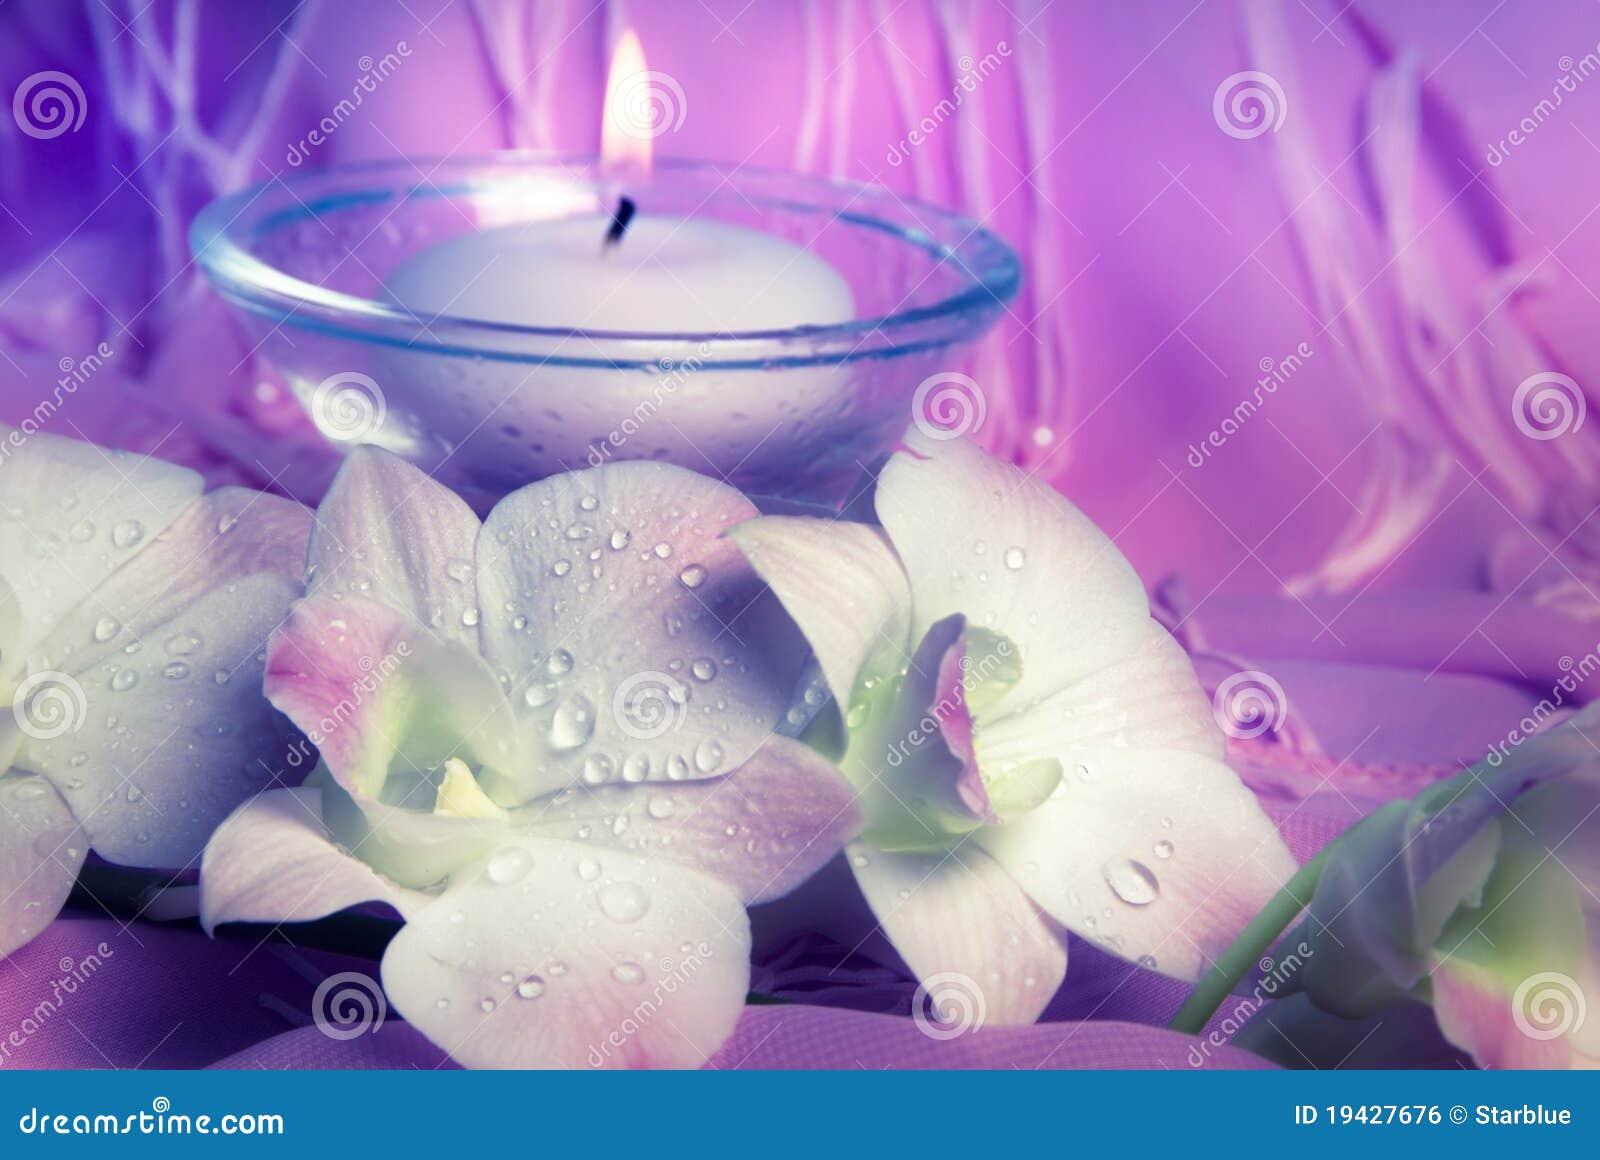 Różowy wellness